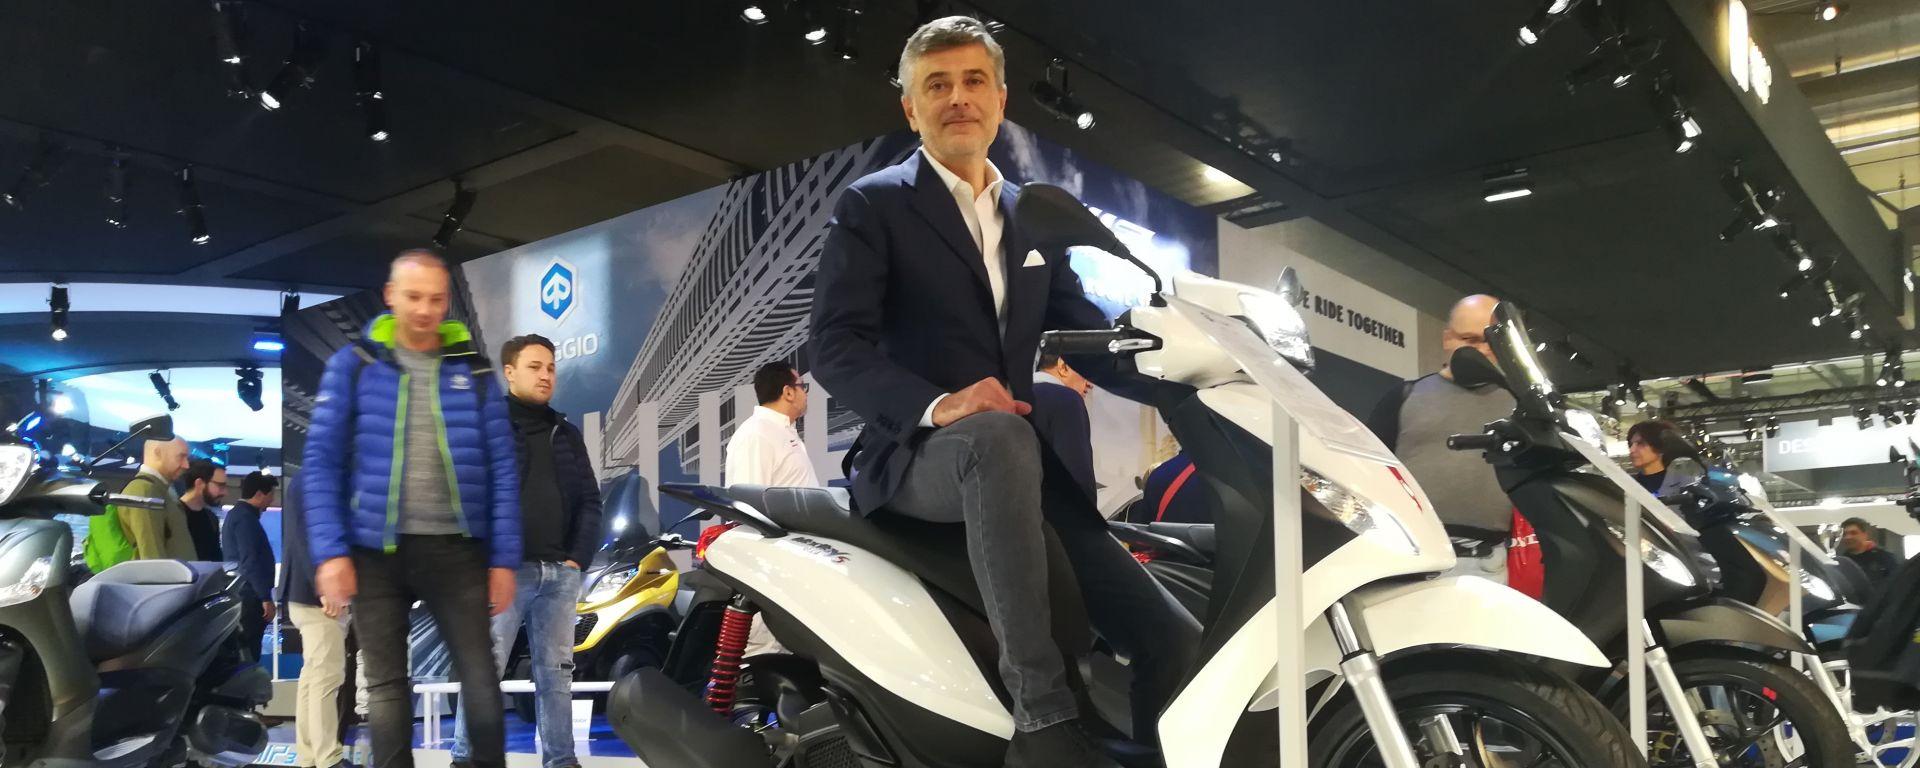 Eicma 2019, le novità allo stand Piaggio